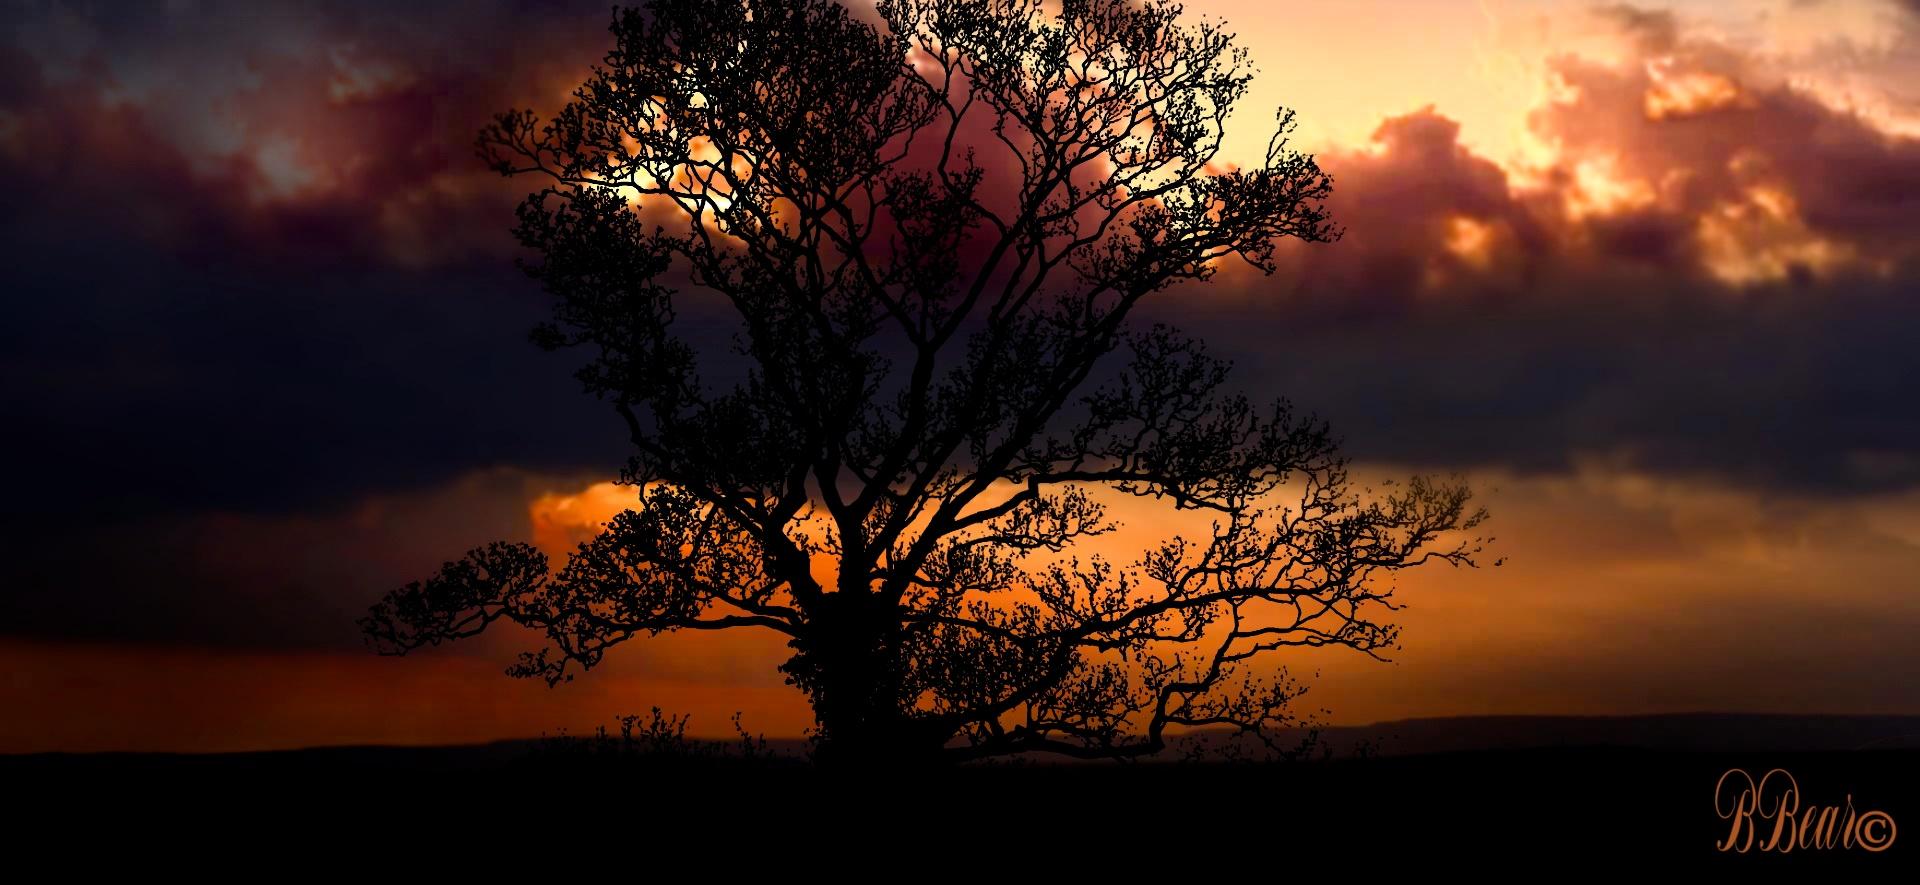 LONELY TREE by BARNEYBEAR